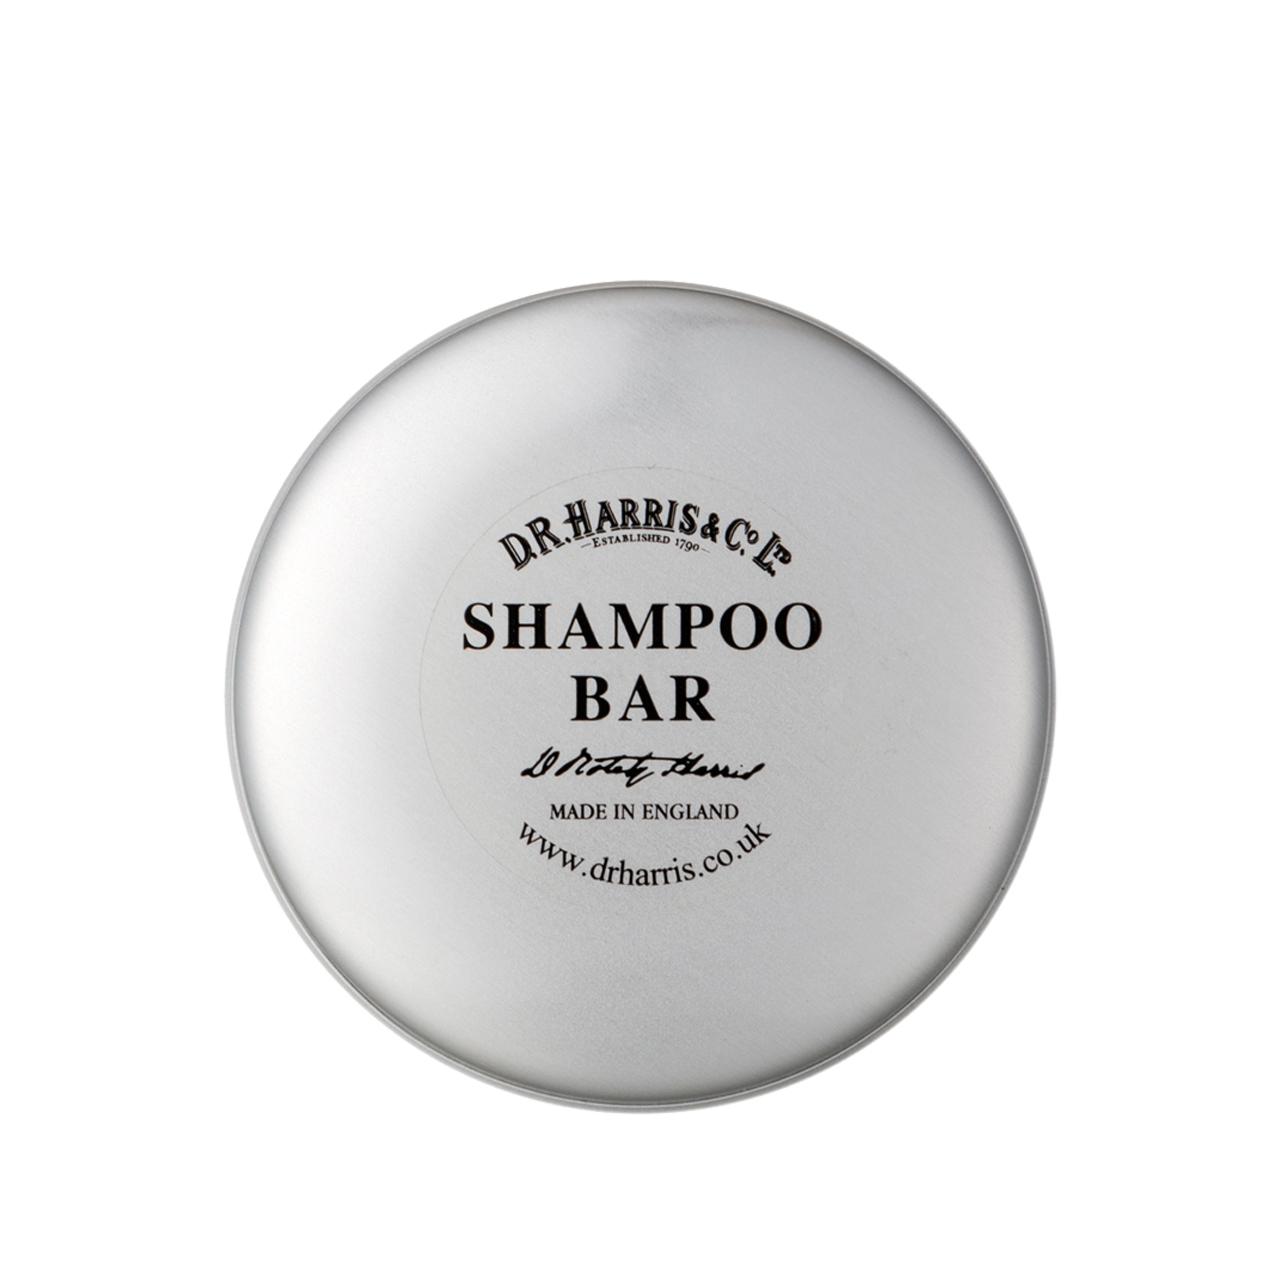 Rosemary - Shampoo Bar